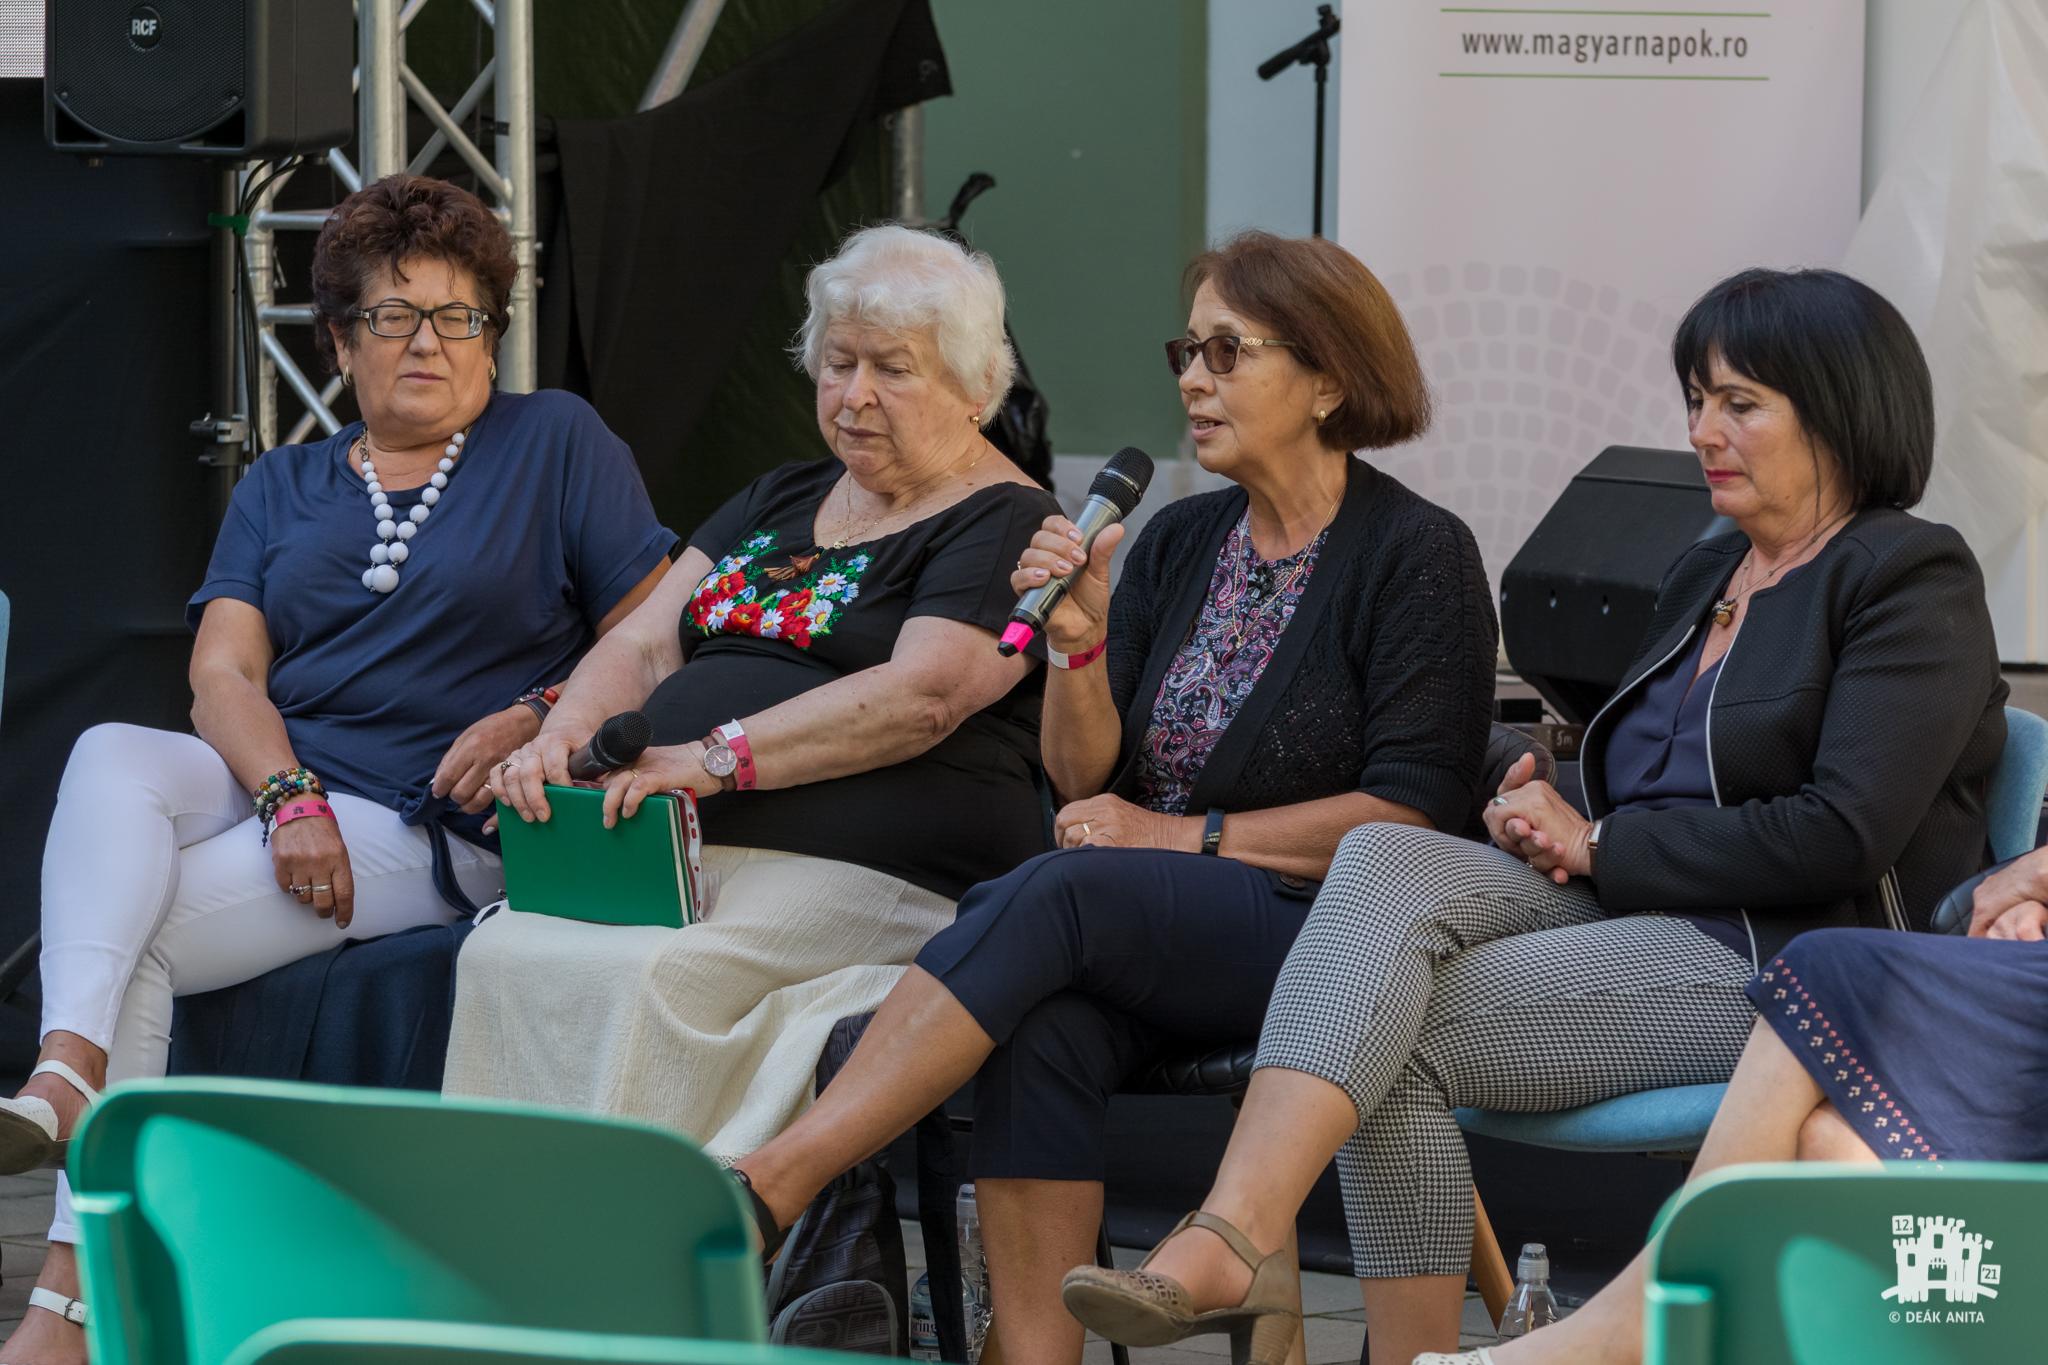 Uniunea Cadrelor Didactice Maghiare din România (UCDMR): 30 de ani în slujba învăţământului preuniversitar